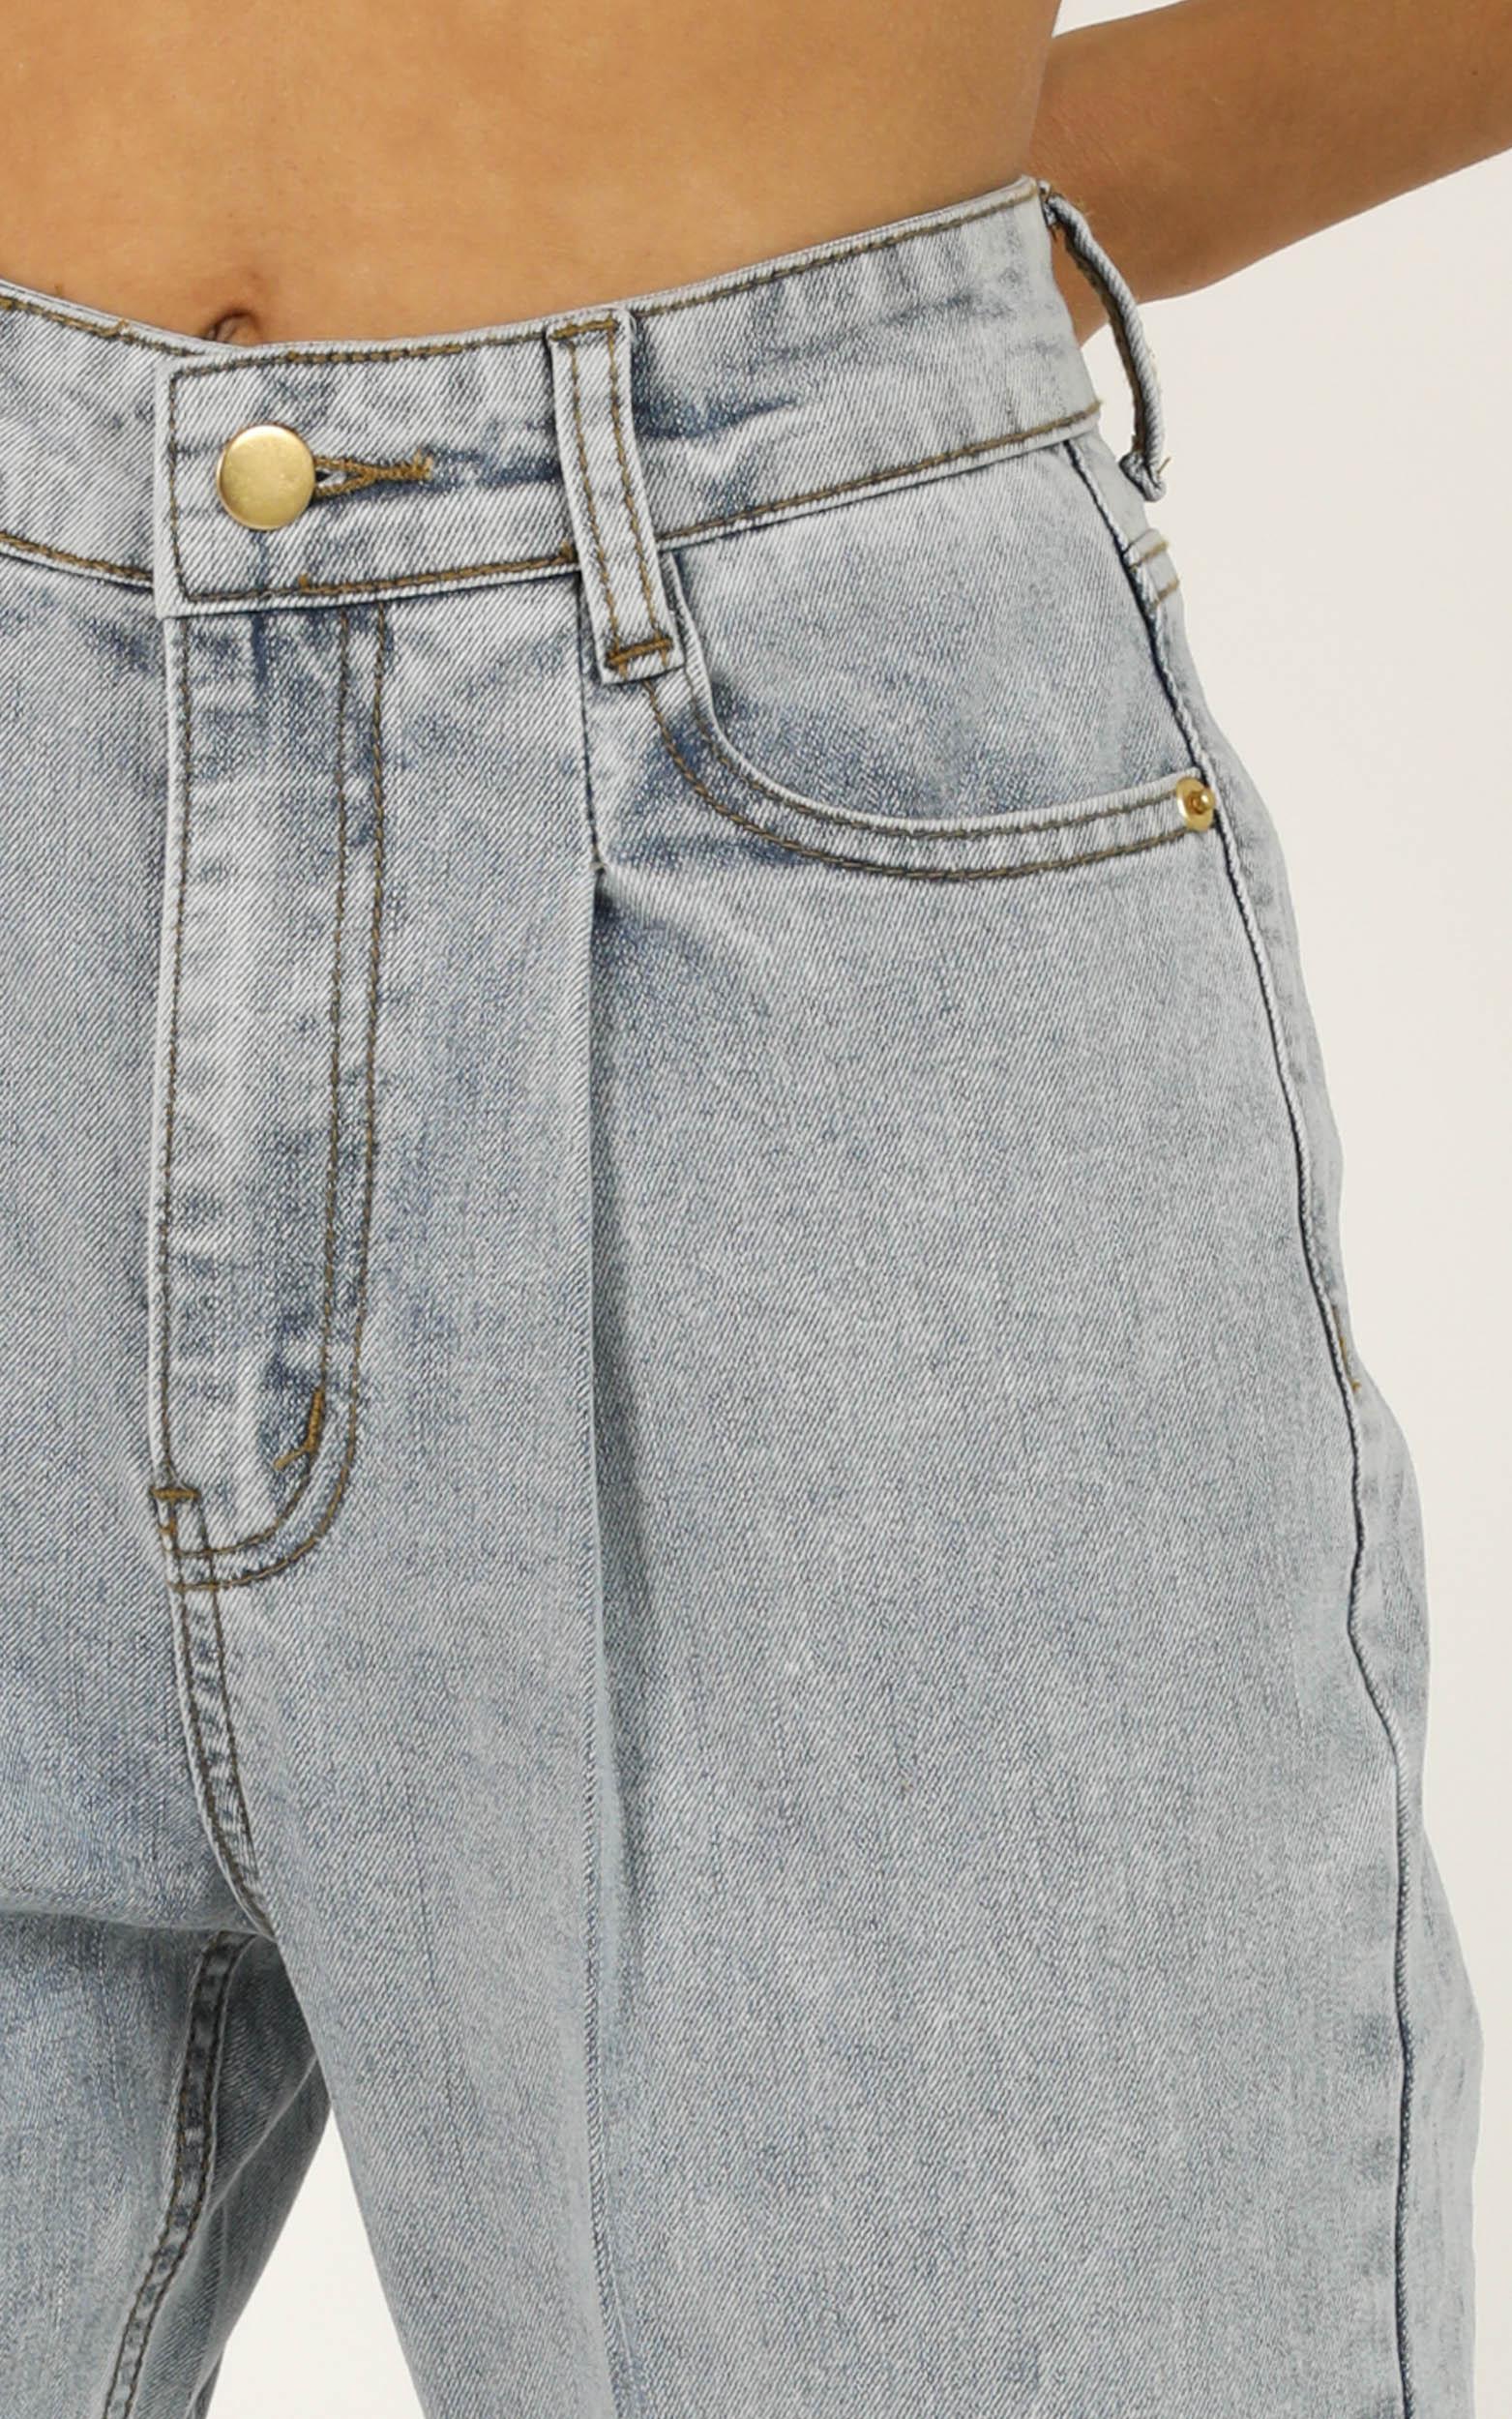 Sidnee Jeans in light blue denim - 14 (XL), Blue, hi-res image number null